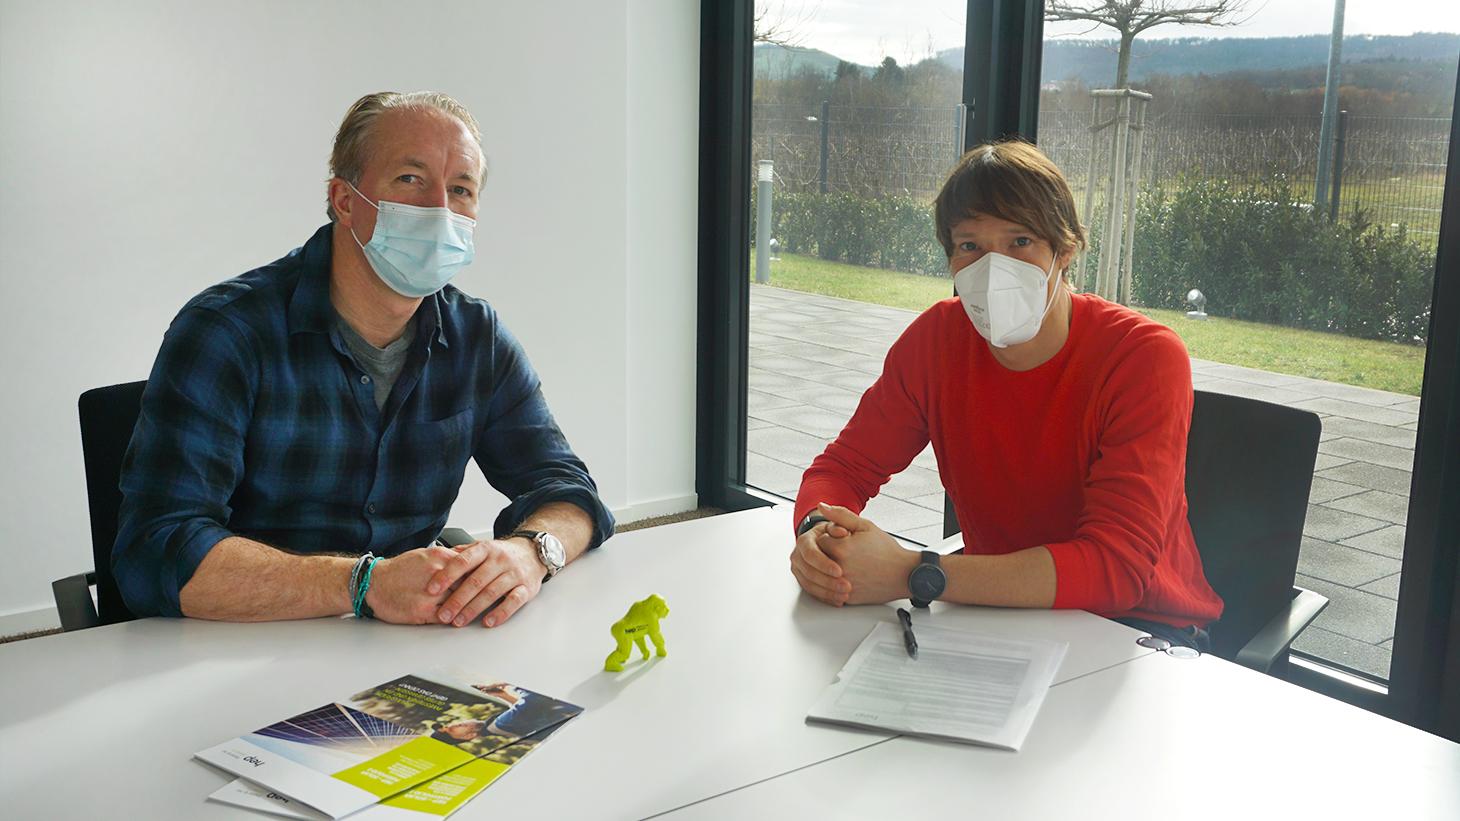 hep und Sebastian Kienle unterzeichnen die Vertragsverlängerung